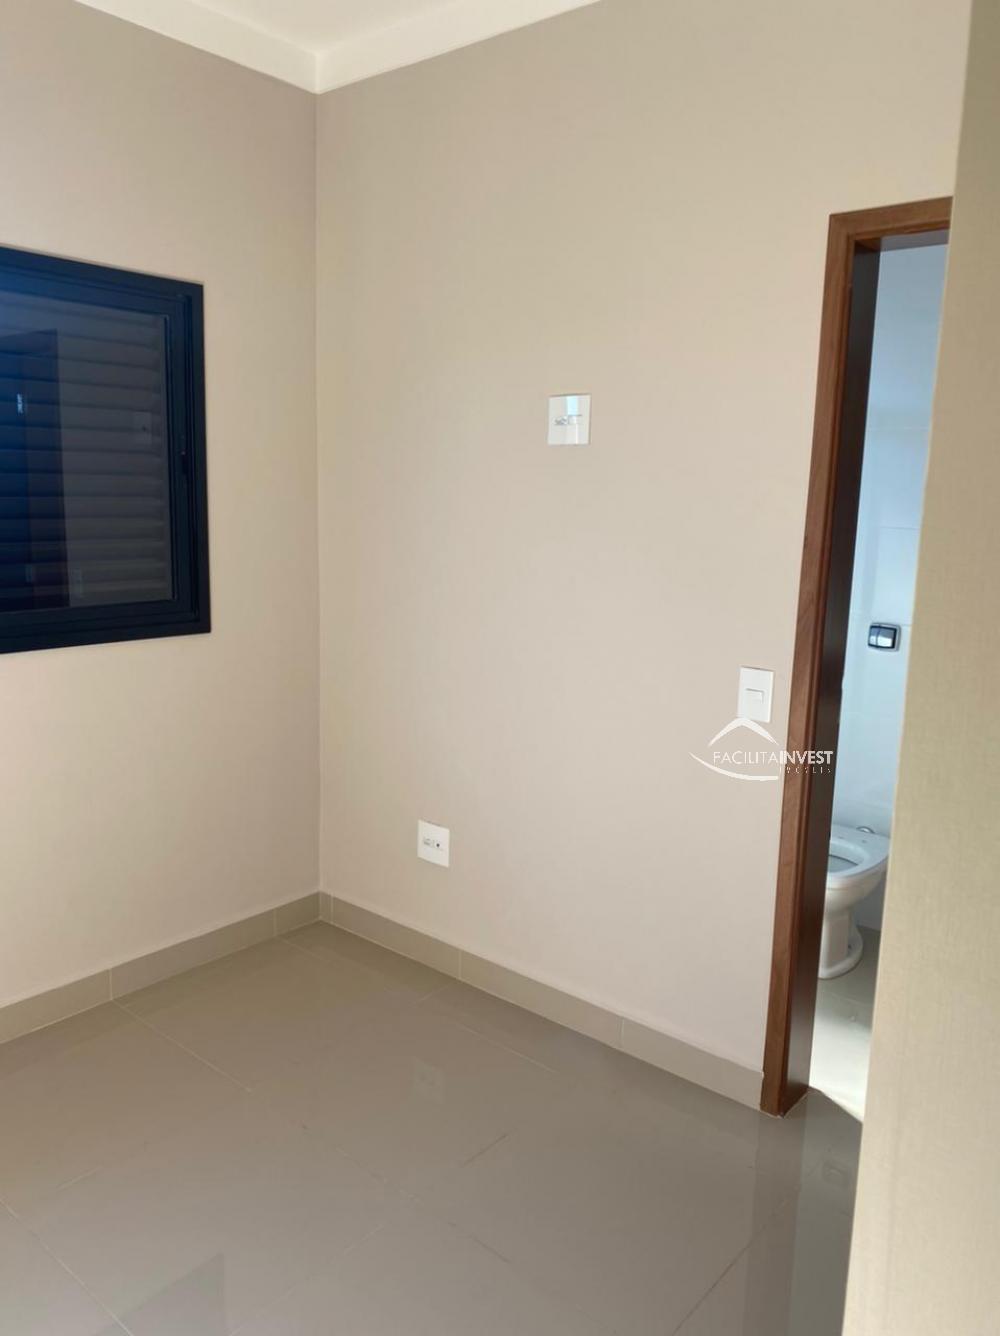 Comprar Casa Condomínio / Casa Condomínio em Ribeirão Preto R$ 875.000,00 - Foto 14